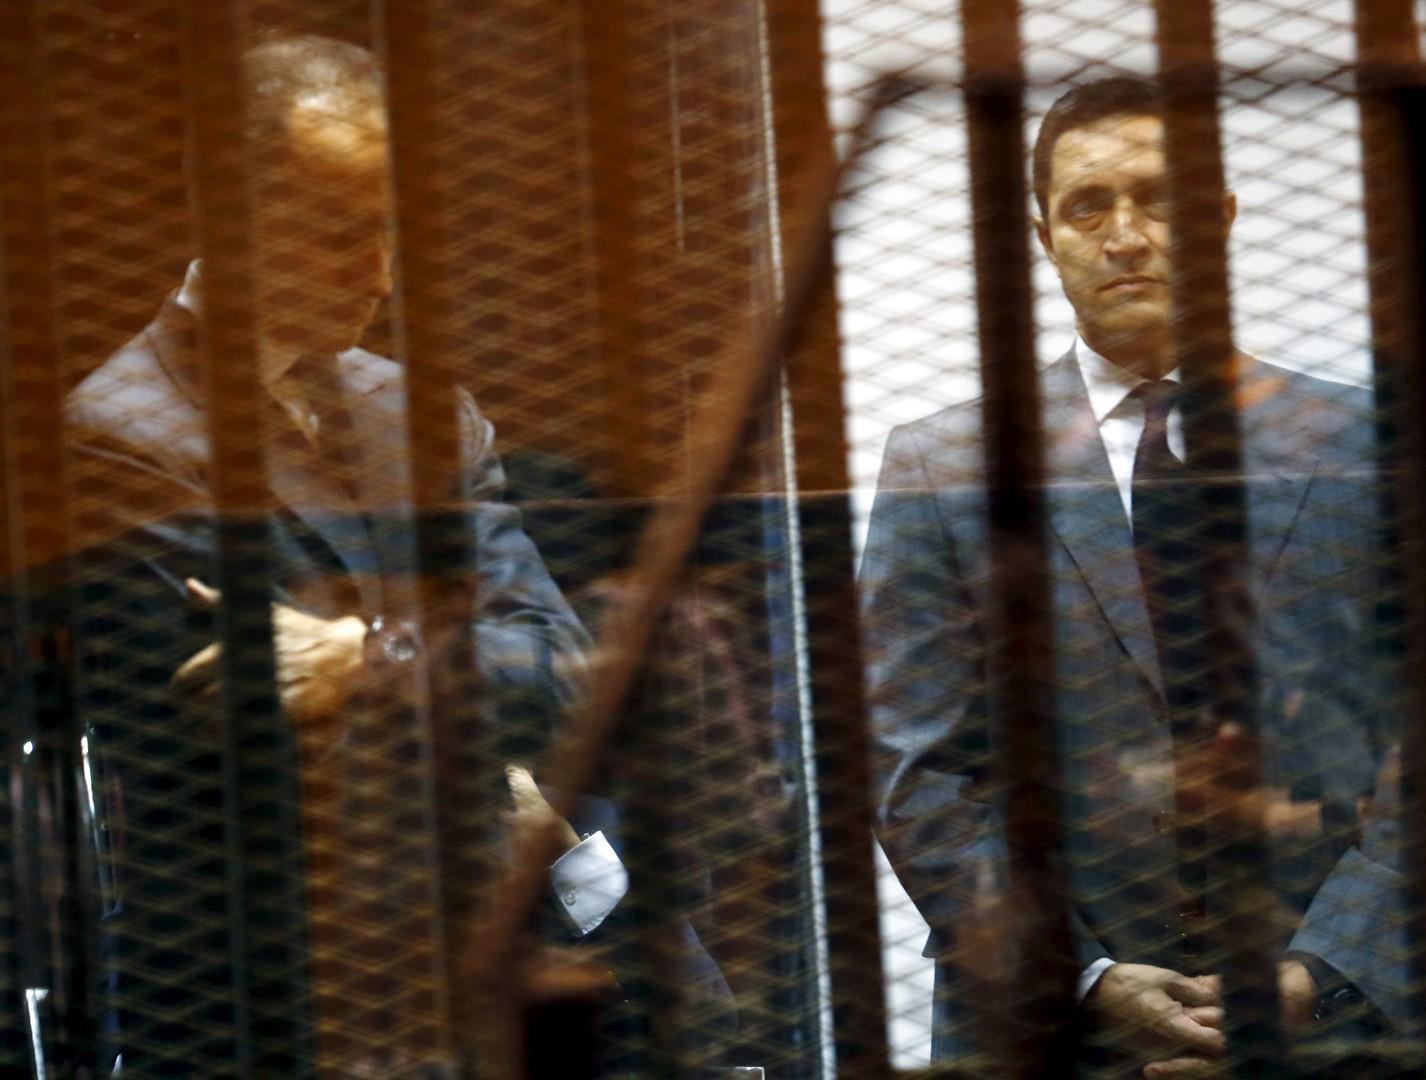 علاء وجمال مبارك خلال محاكمة سابقة